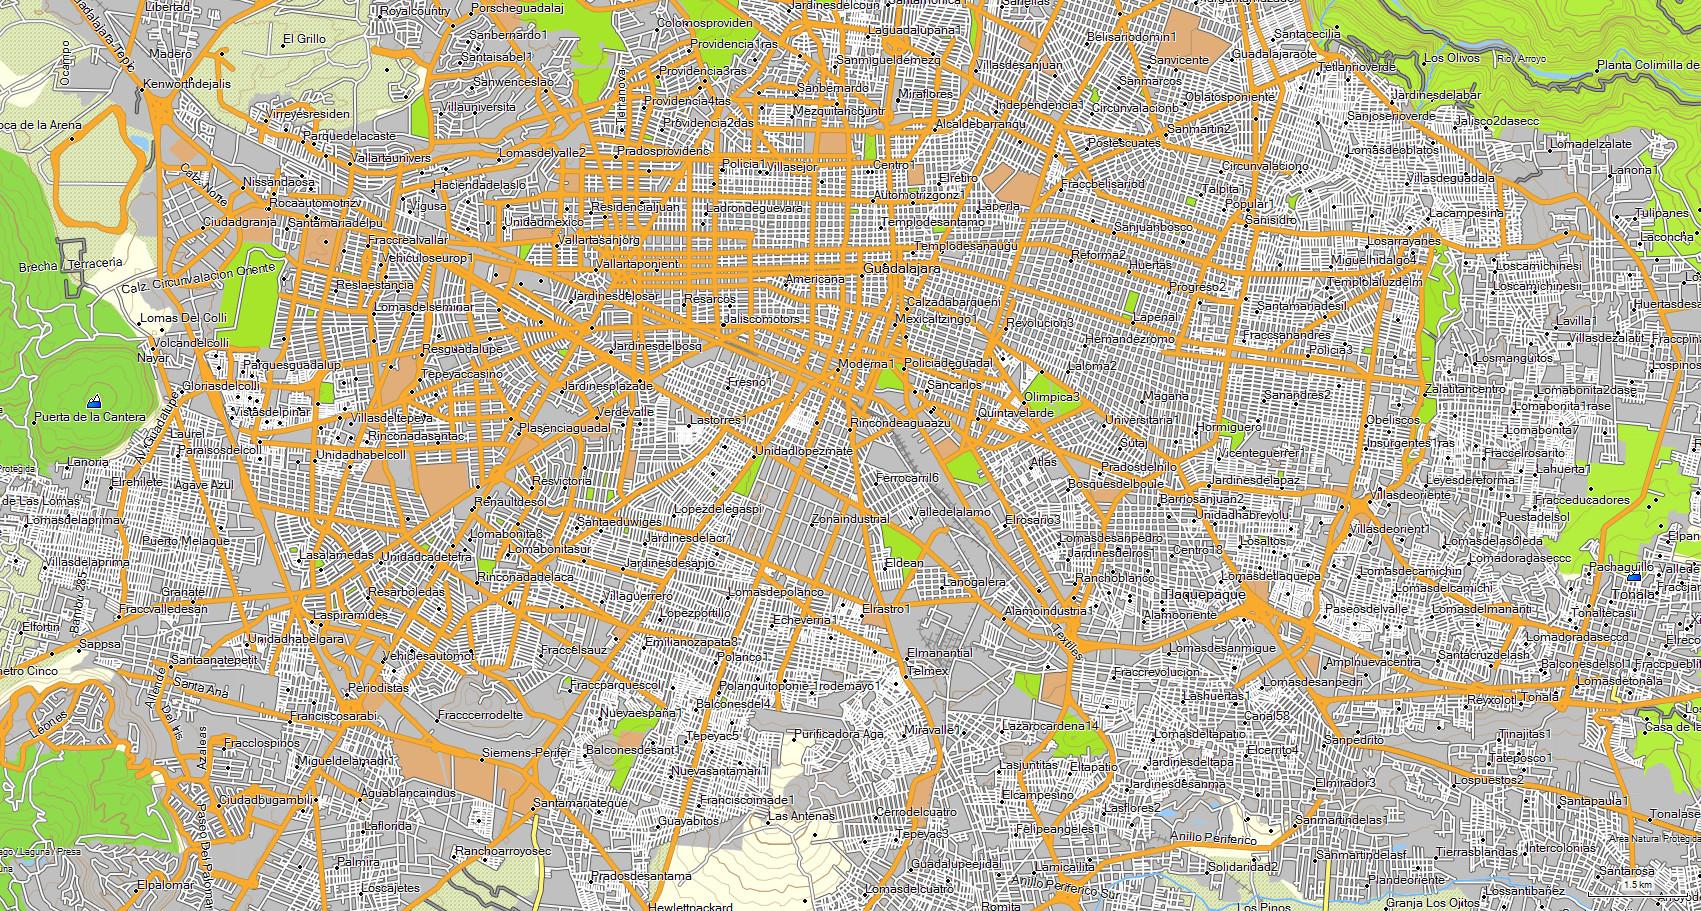 Mapa Topografico De Jalisco Mexico Para Gps Garmin Cartografia